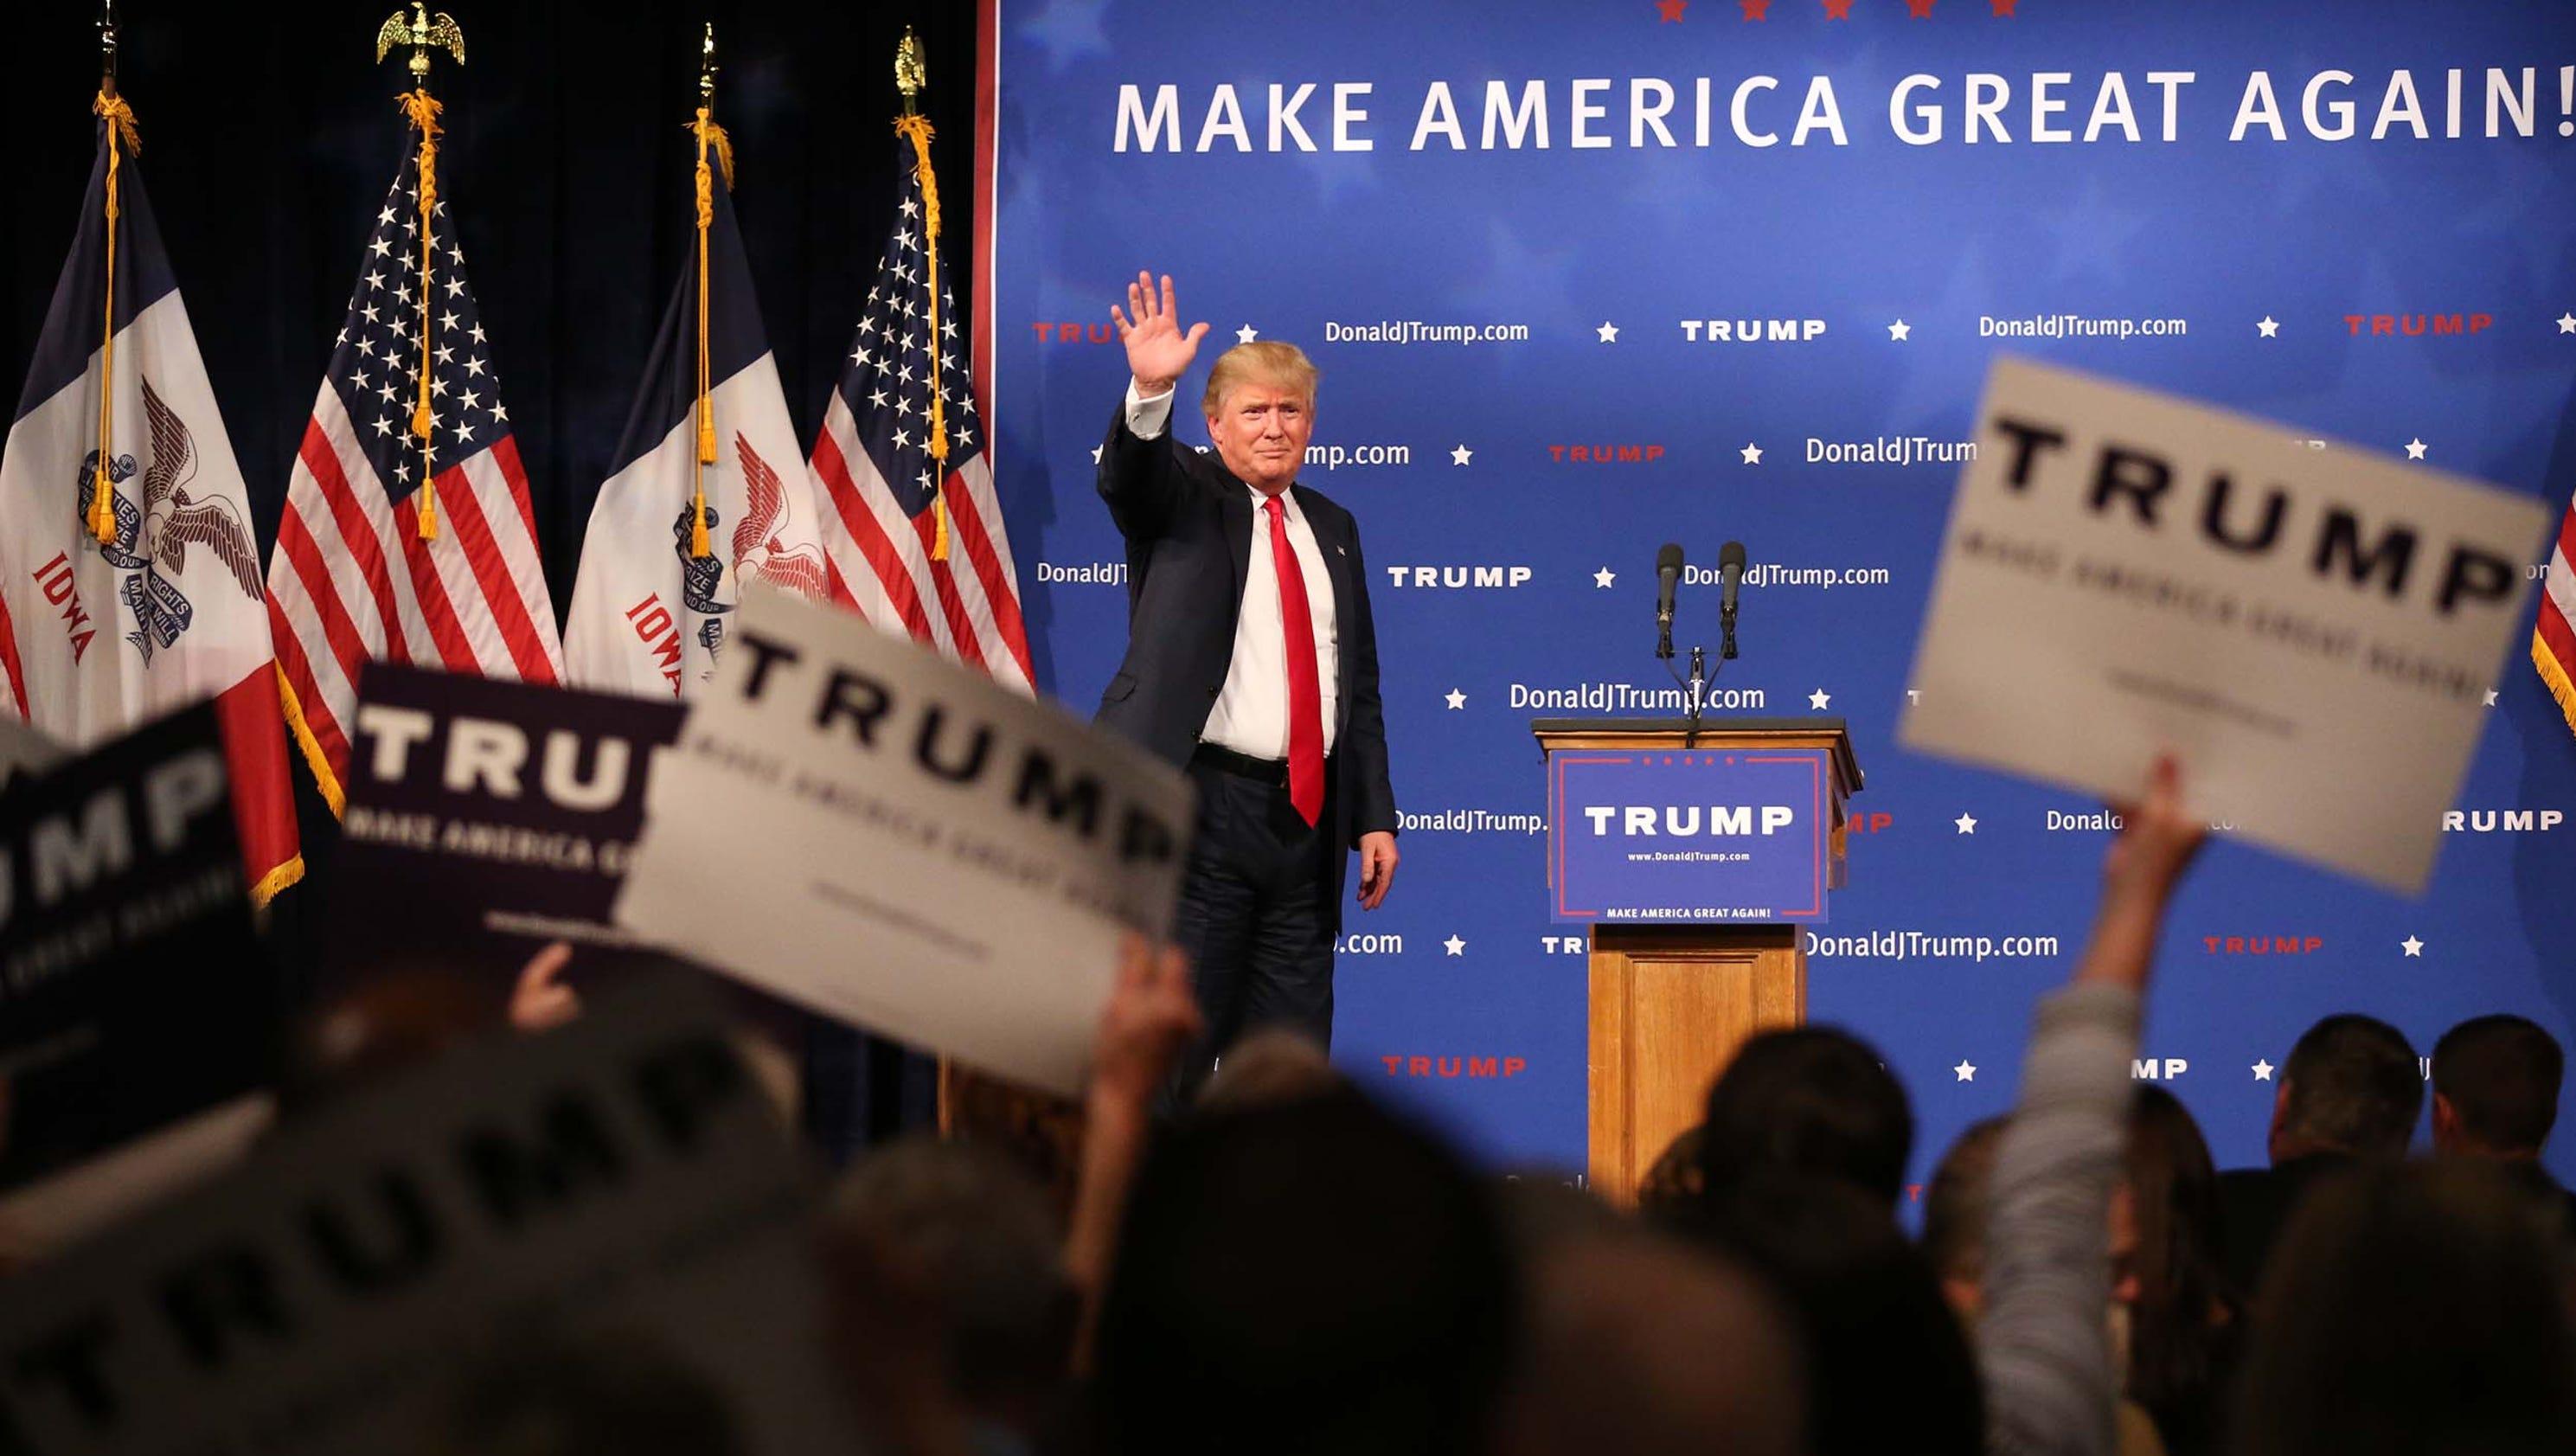 27 photos: Donald Trump rally in Des Moines